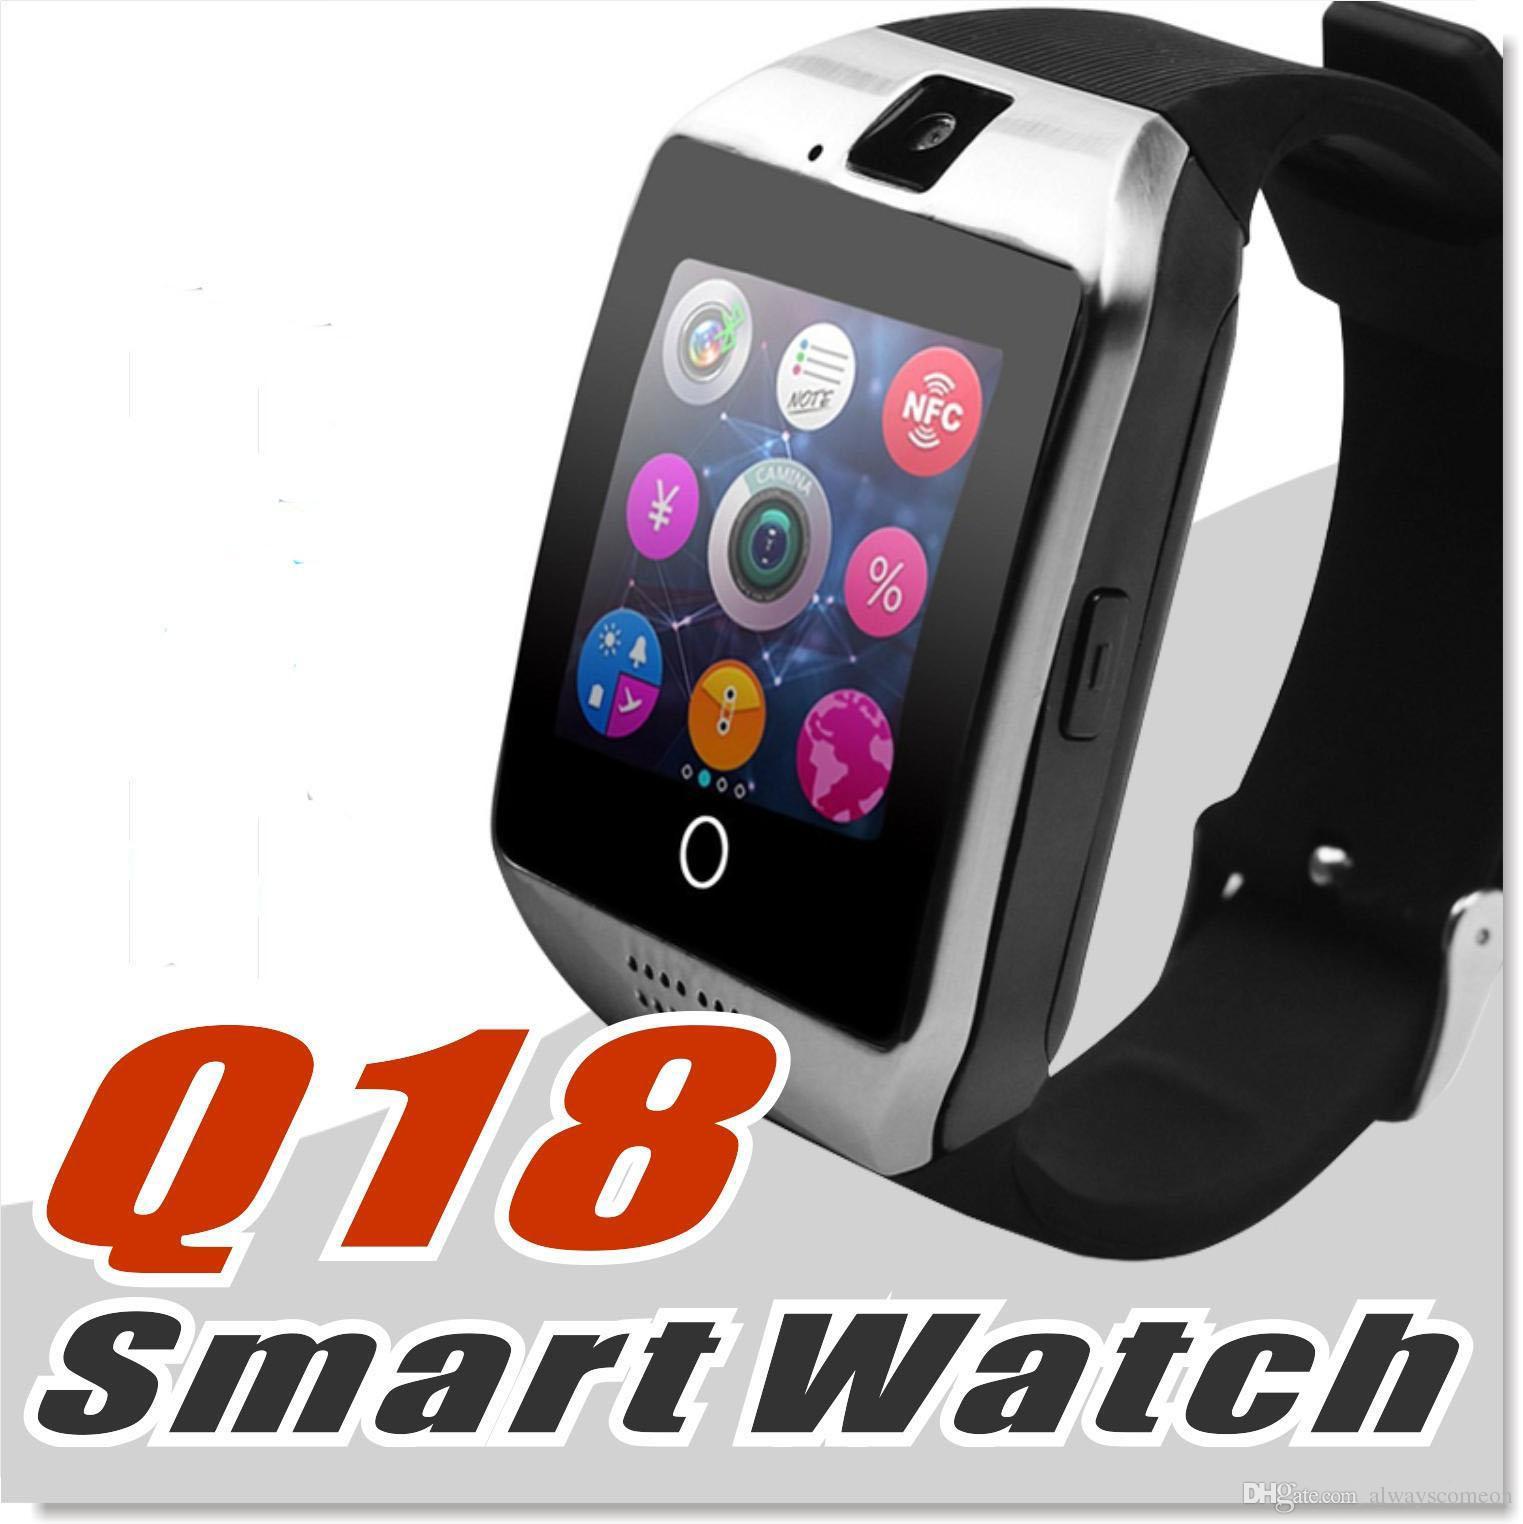 Smartwatch 4 Q18 Intelligente Uhr Uhren Bluetooth Smartwatch Armbanduhr Mit Kamera Tf Sim Kartensteckplatz Schrittzähler Anti Verloren Für Apple